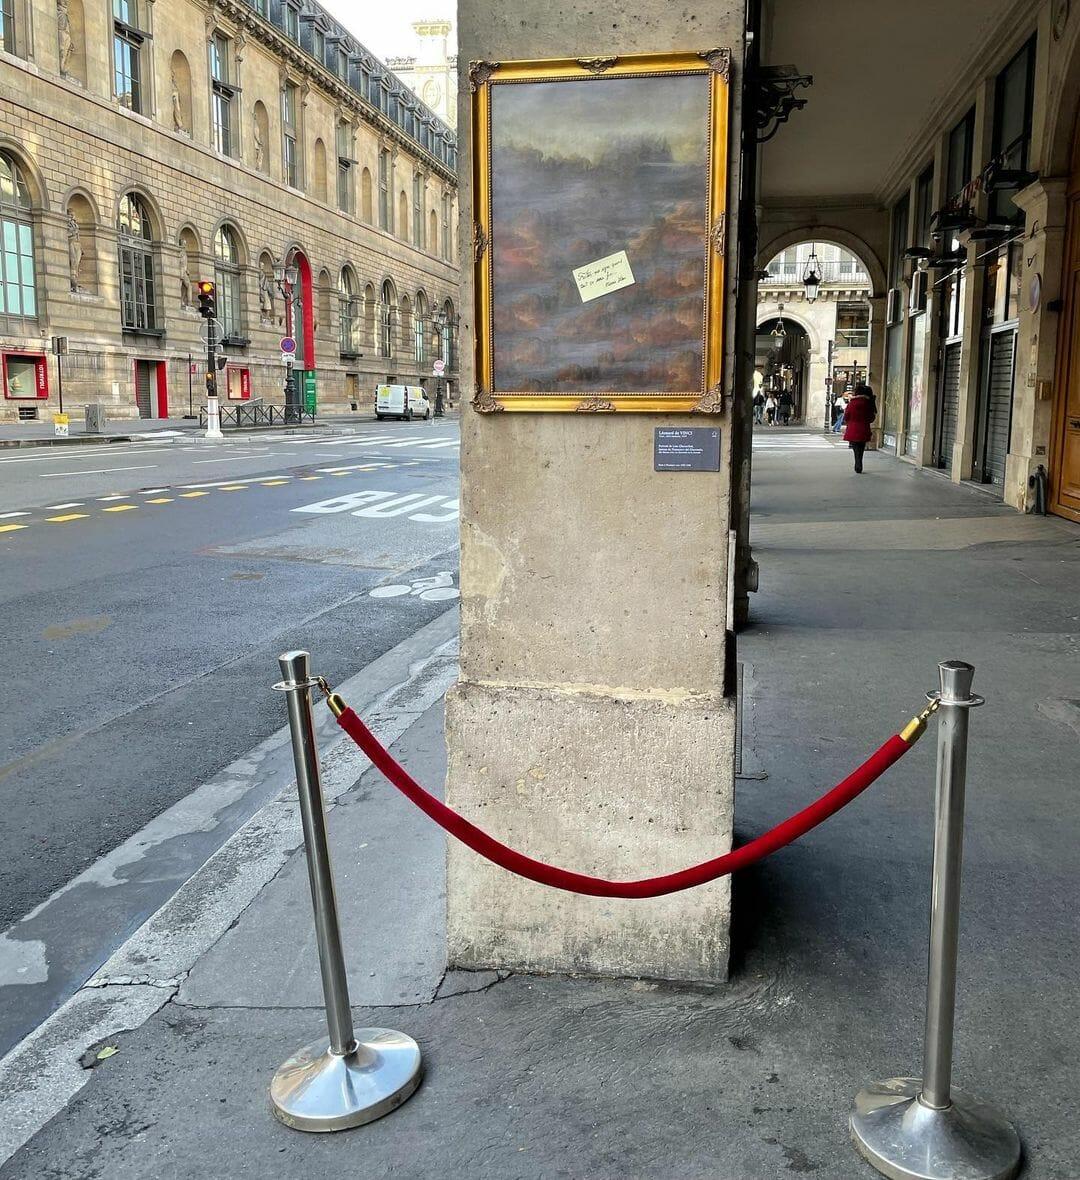 En face du louvre, sous les arcades : toile encadrée au mur, La Joconde sans Mona Lisa. En biais, au milieu, un post-it jaune.